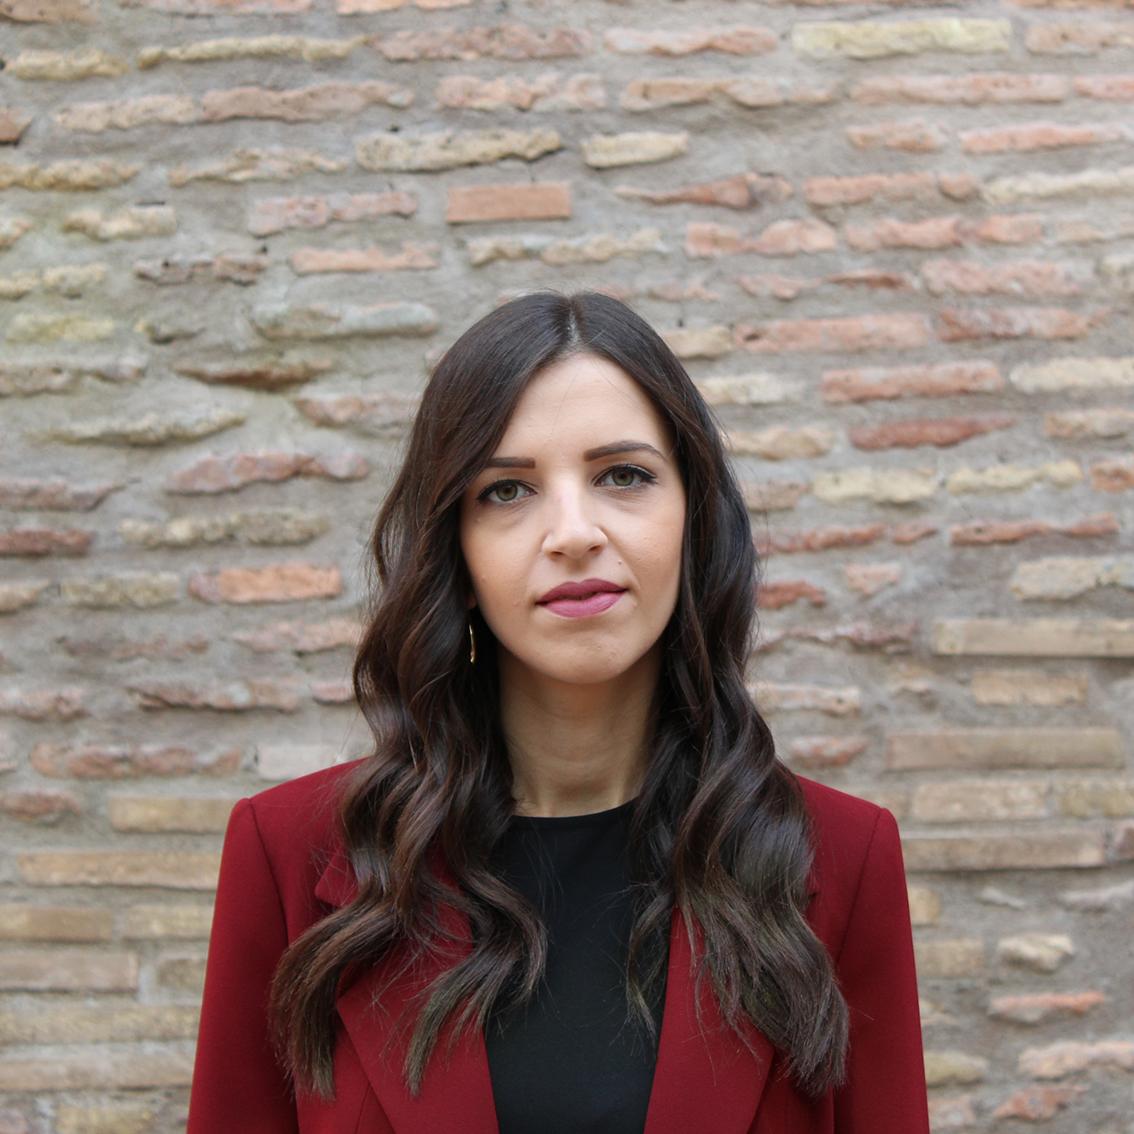 Giovanna Stelitano